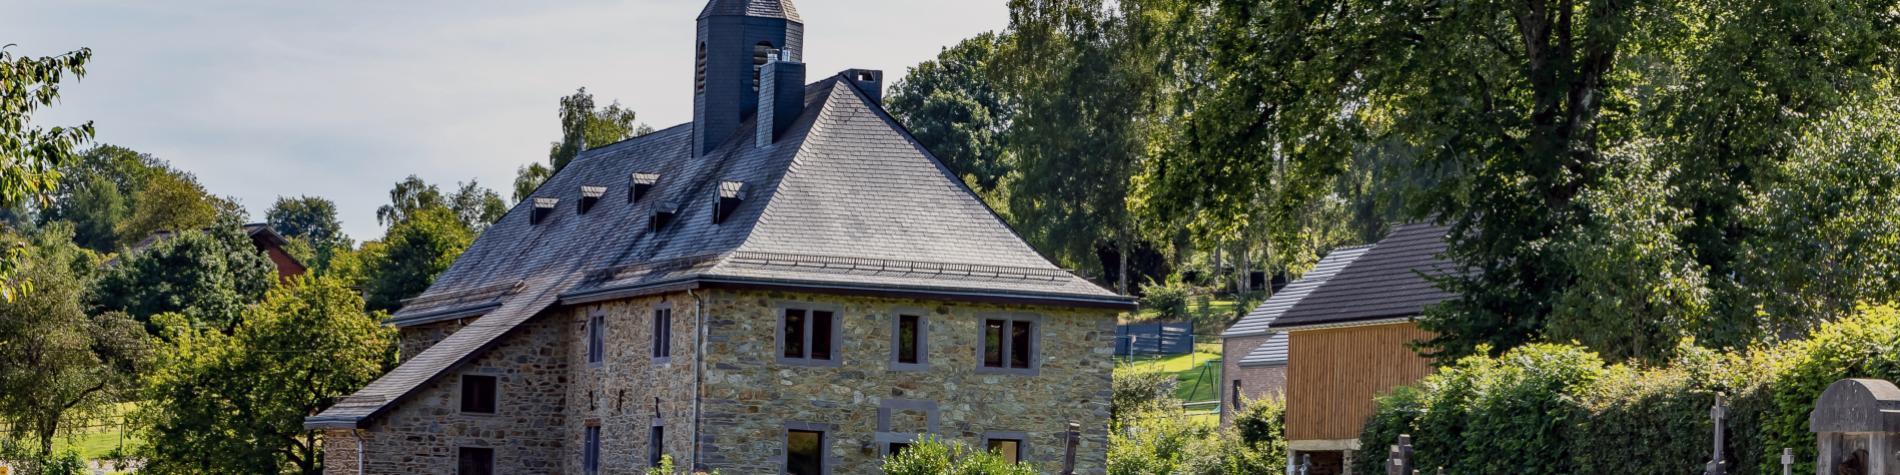 francheville-village-stavelot-nature-église-route-vert-arbres